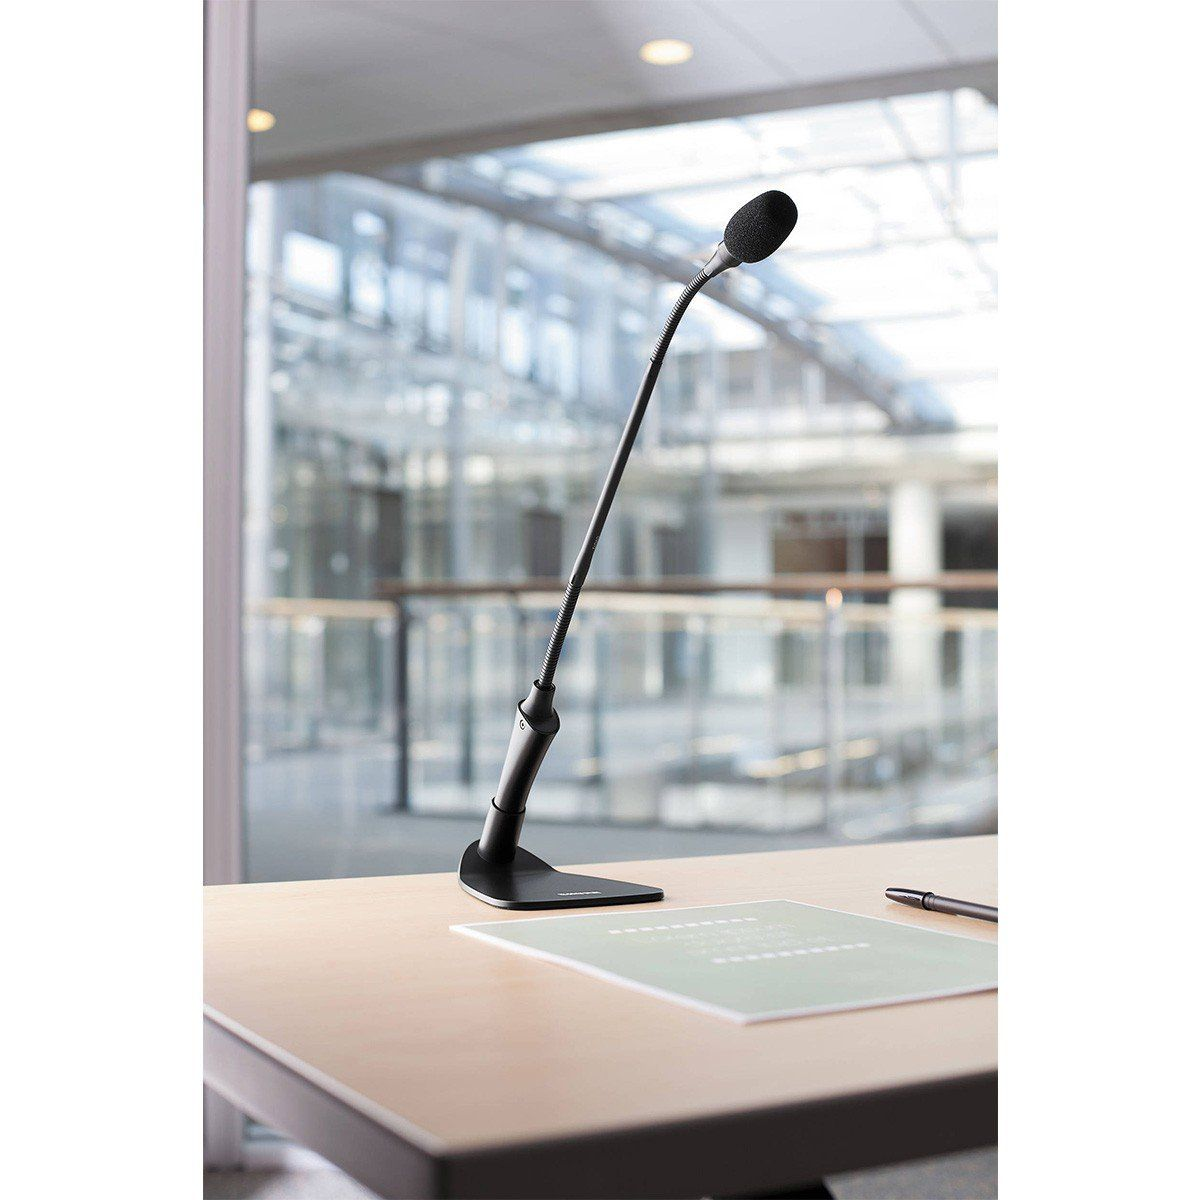 Shure CVG12B/C Microfone Condensador Gooseneck Shure CVG12BC para Discursos e Palanques